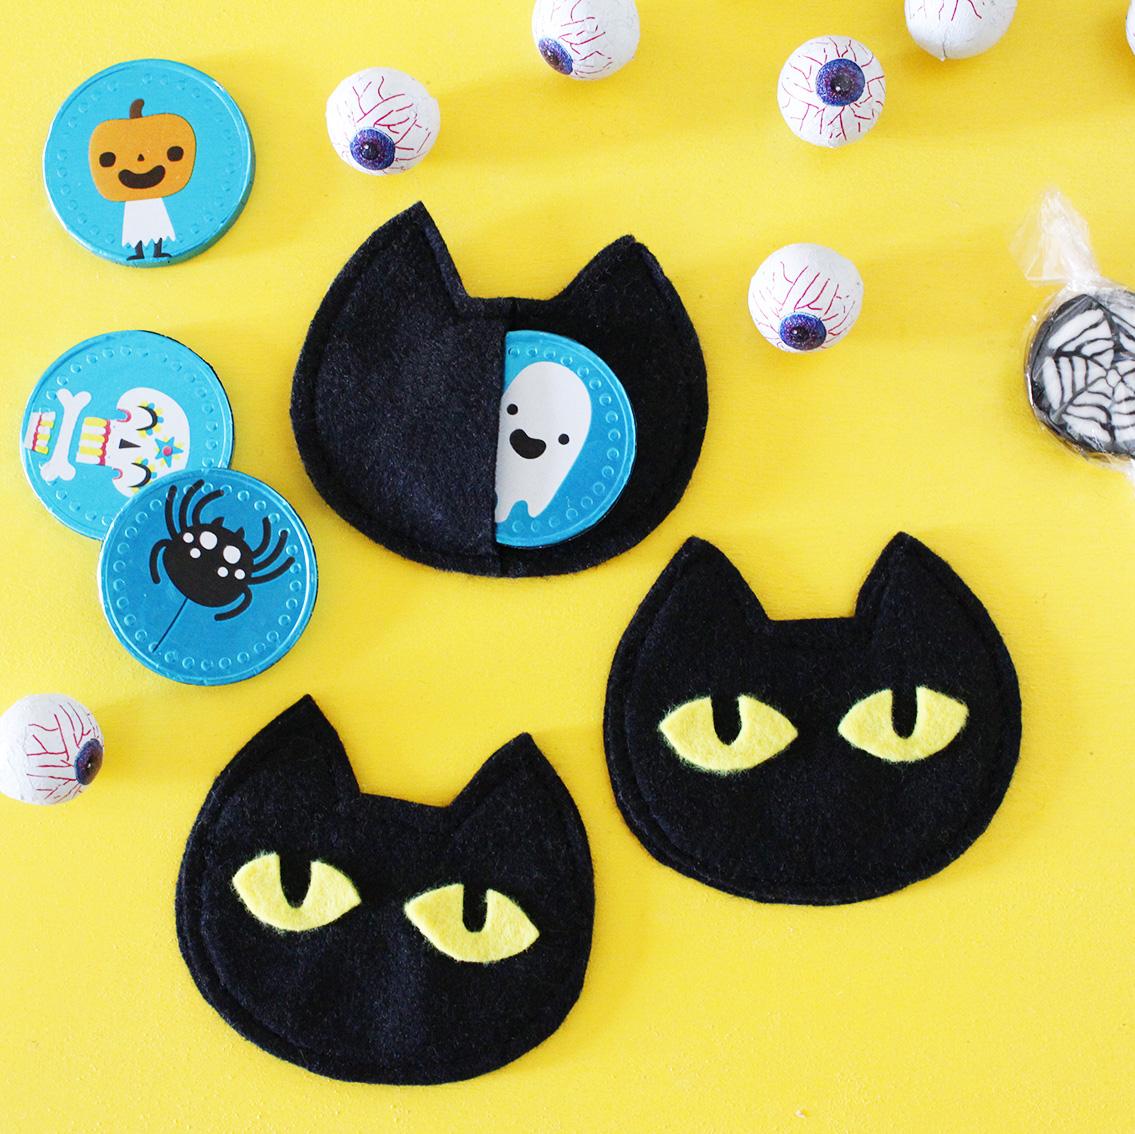 The_llamas_blog_Halloween_cat_treat_bags_5_thellamas